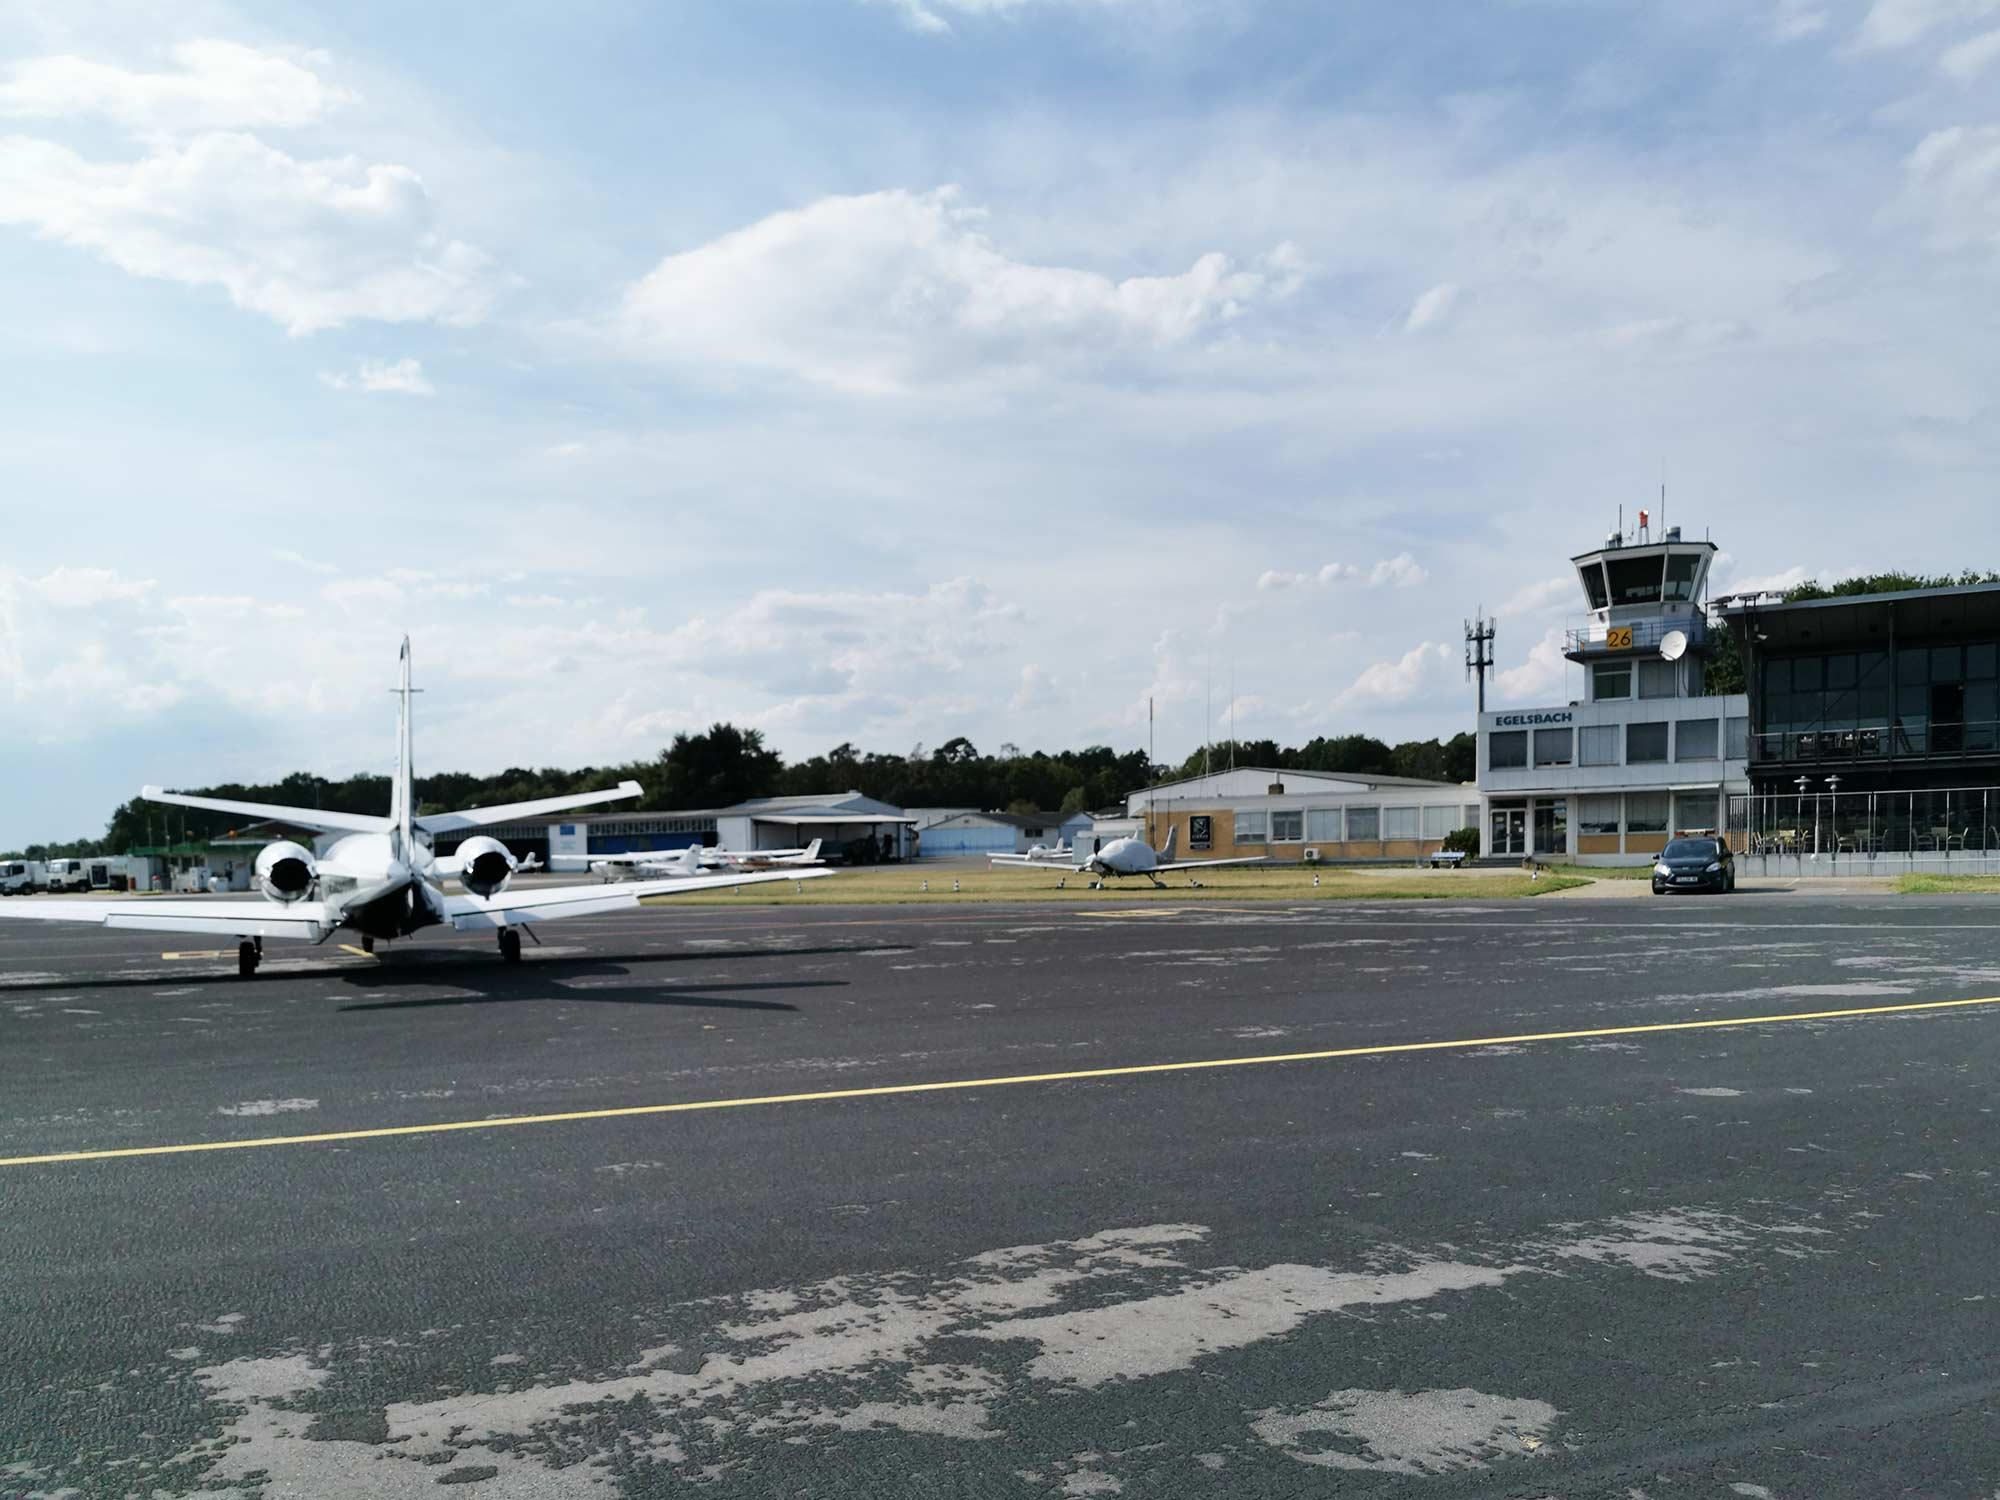 Flughafen Frankfurt-Egelsbach - der größte Flugplatz in Deutschland - Düsenjet auf dem Vorfeld